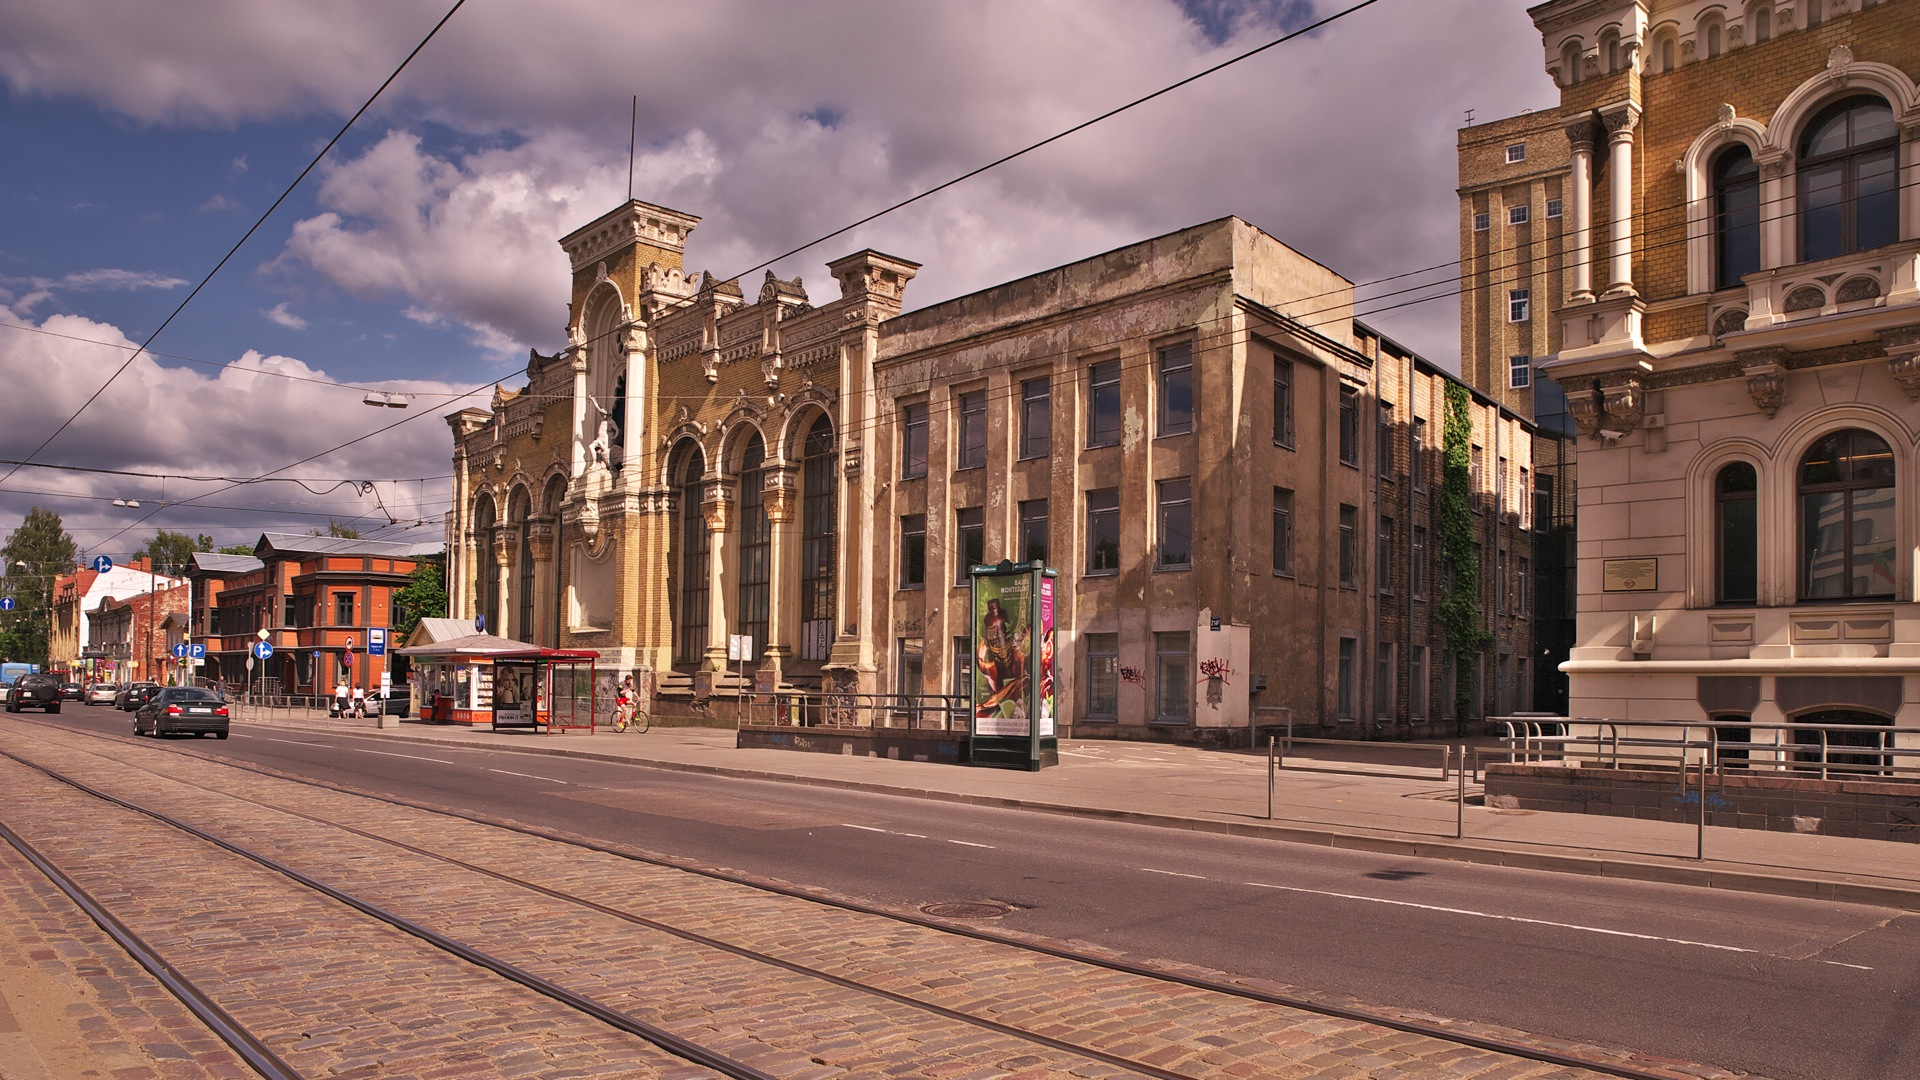 Bild: VEF hat die wirtschaftliche Wende nach der Unabhängigkeit Lettlands bis auf drei kleine Tochterunternehmen nicht überlebt. NIKON D700 mit TAMRON SP 24-70mm F/2.8 Di VC USD. ISO 200 ¦ f/7,1 ¦ 24 mm ¦ 1/1/320 s ¦ kein Blitz. Klicken Sie auf das Bild um es zu vergrößern.